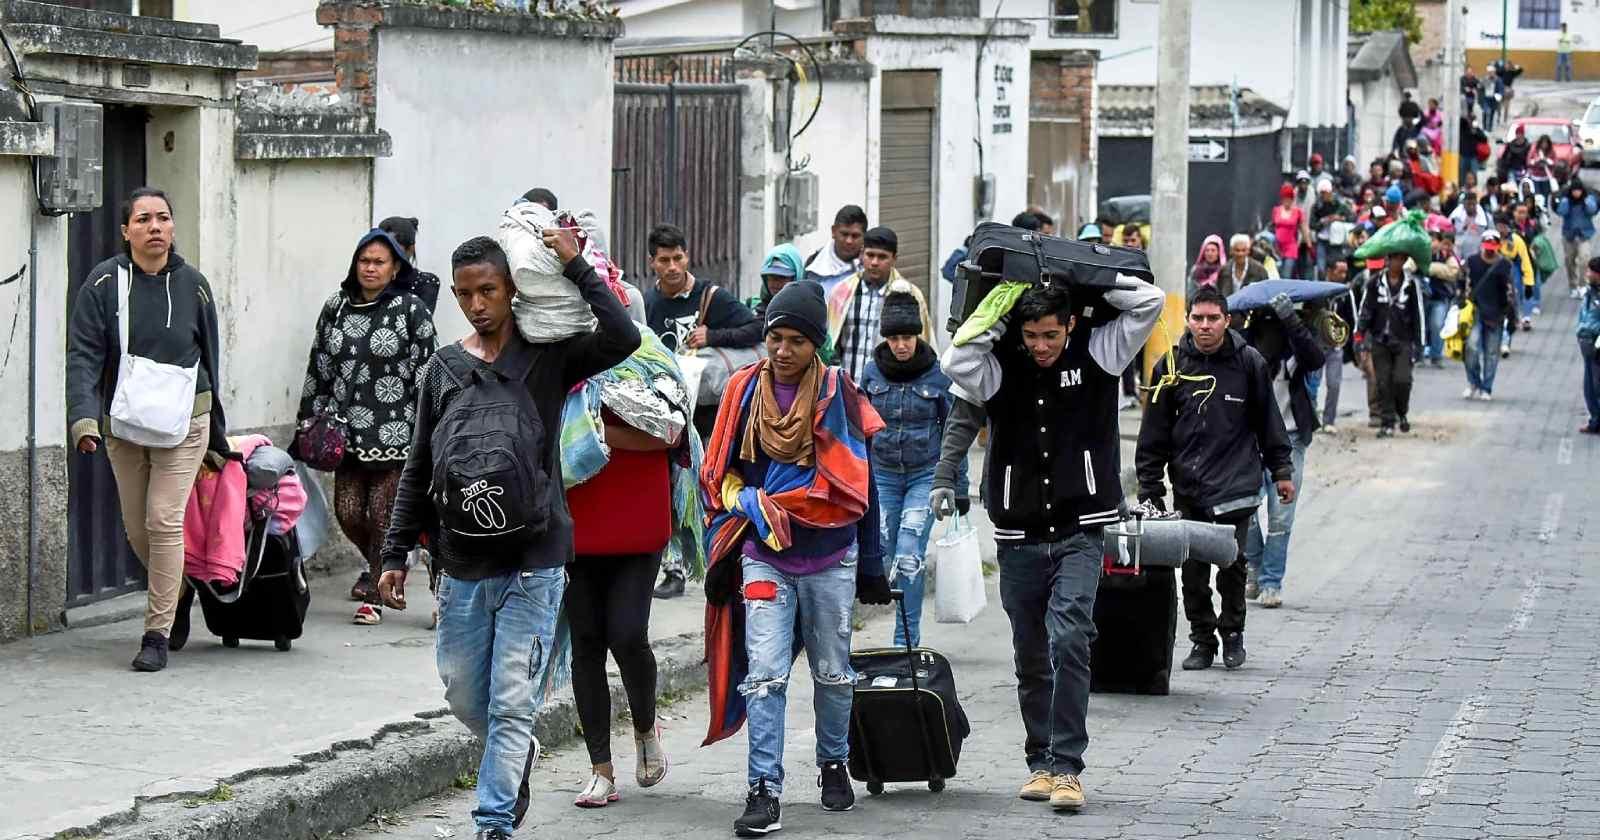 Pobreza se dispara en Venezuela a niveles de África